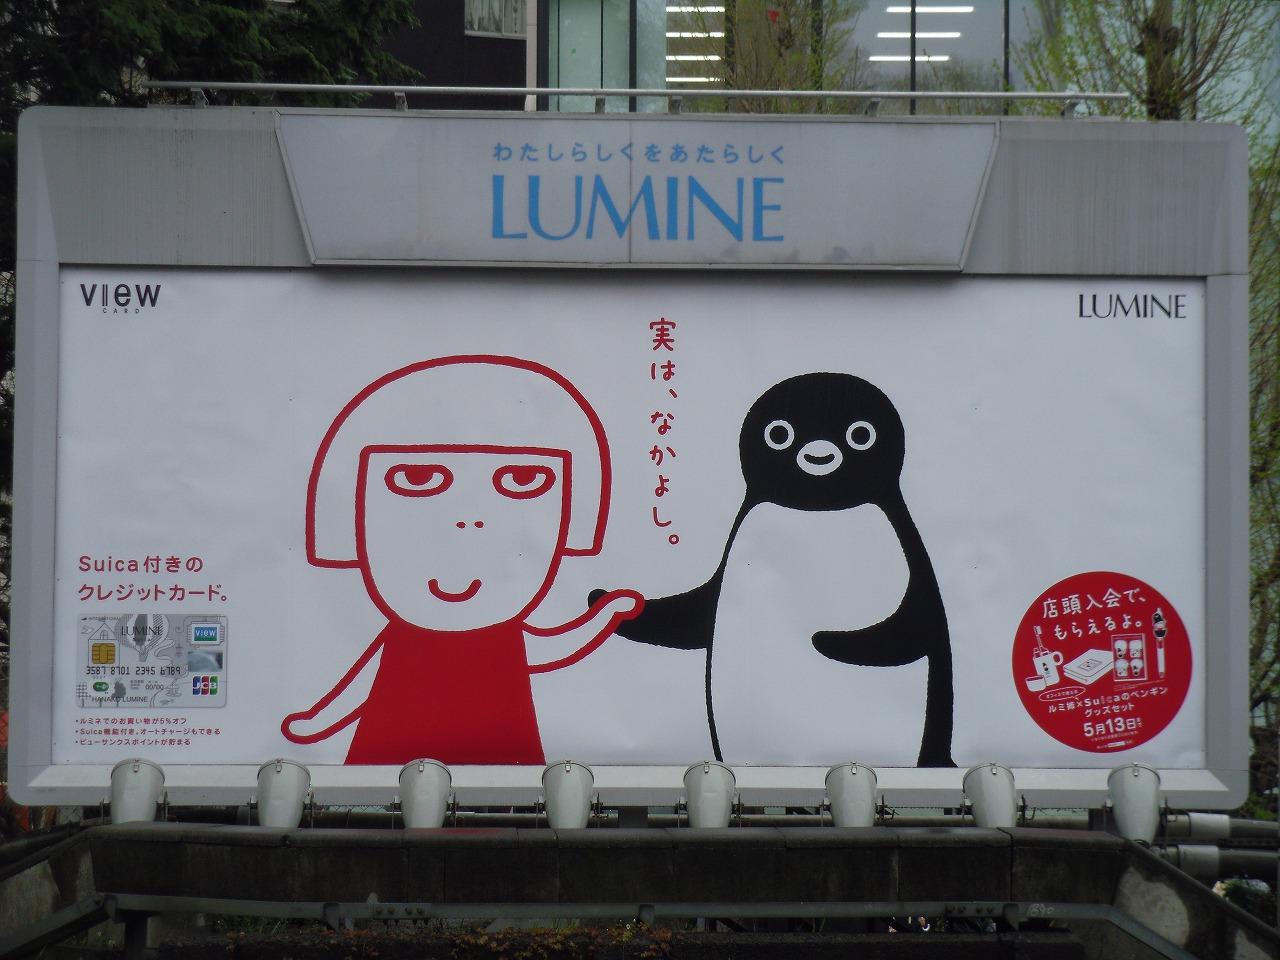 原宿駅 広告 ルミネ スイカ